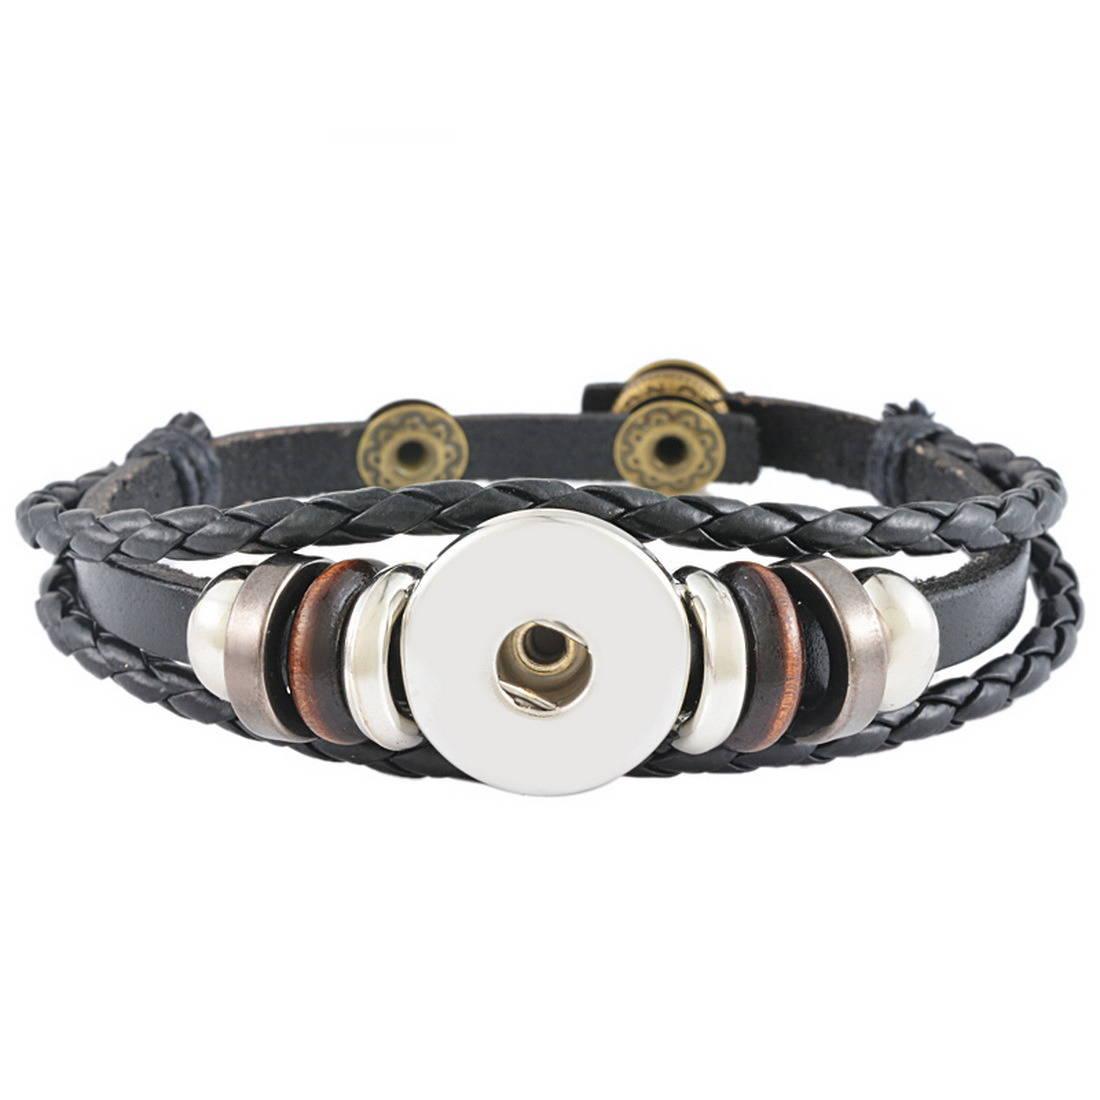 x 1 bracelet Multilayer Cuir PU noir pour bouton pression réglable métal argenté 23 cm